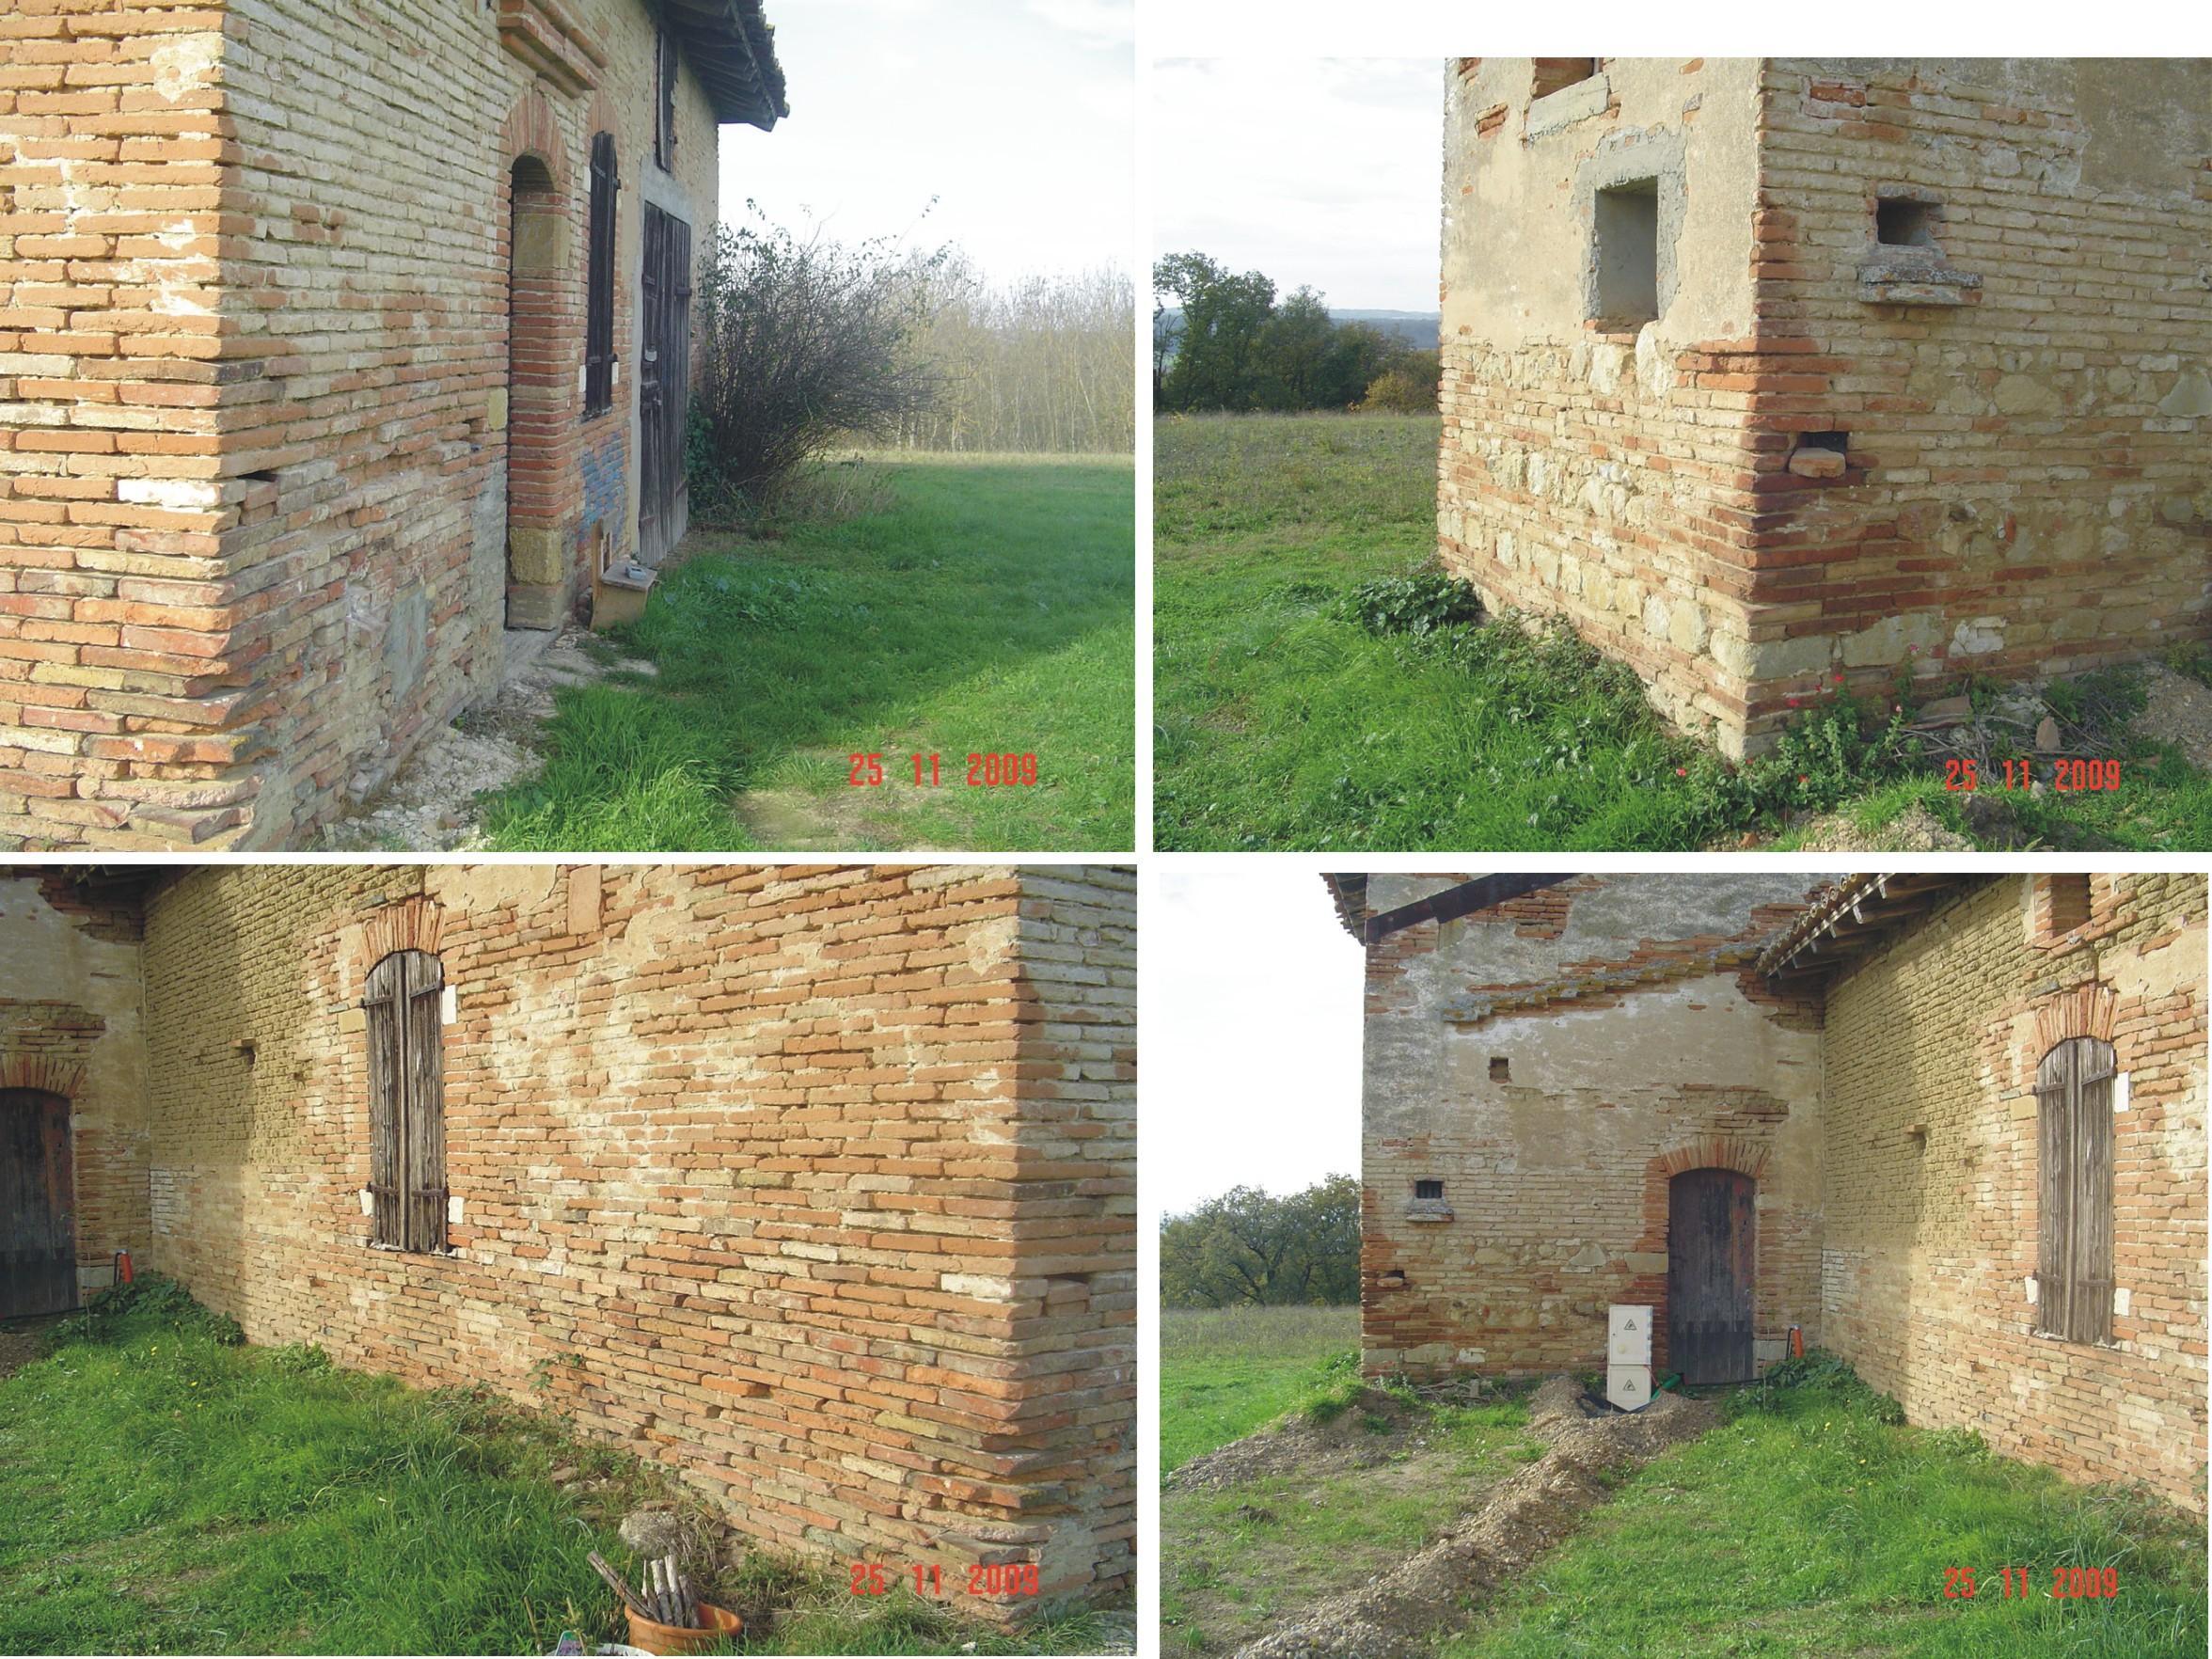 Transformation d 39 une ancienne ferme en maison d 39 habitation - Humidite dans maison ancienne ...